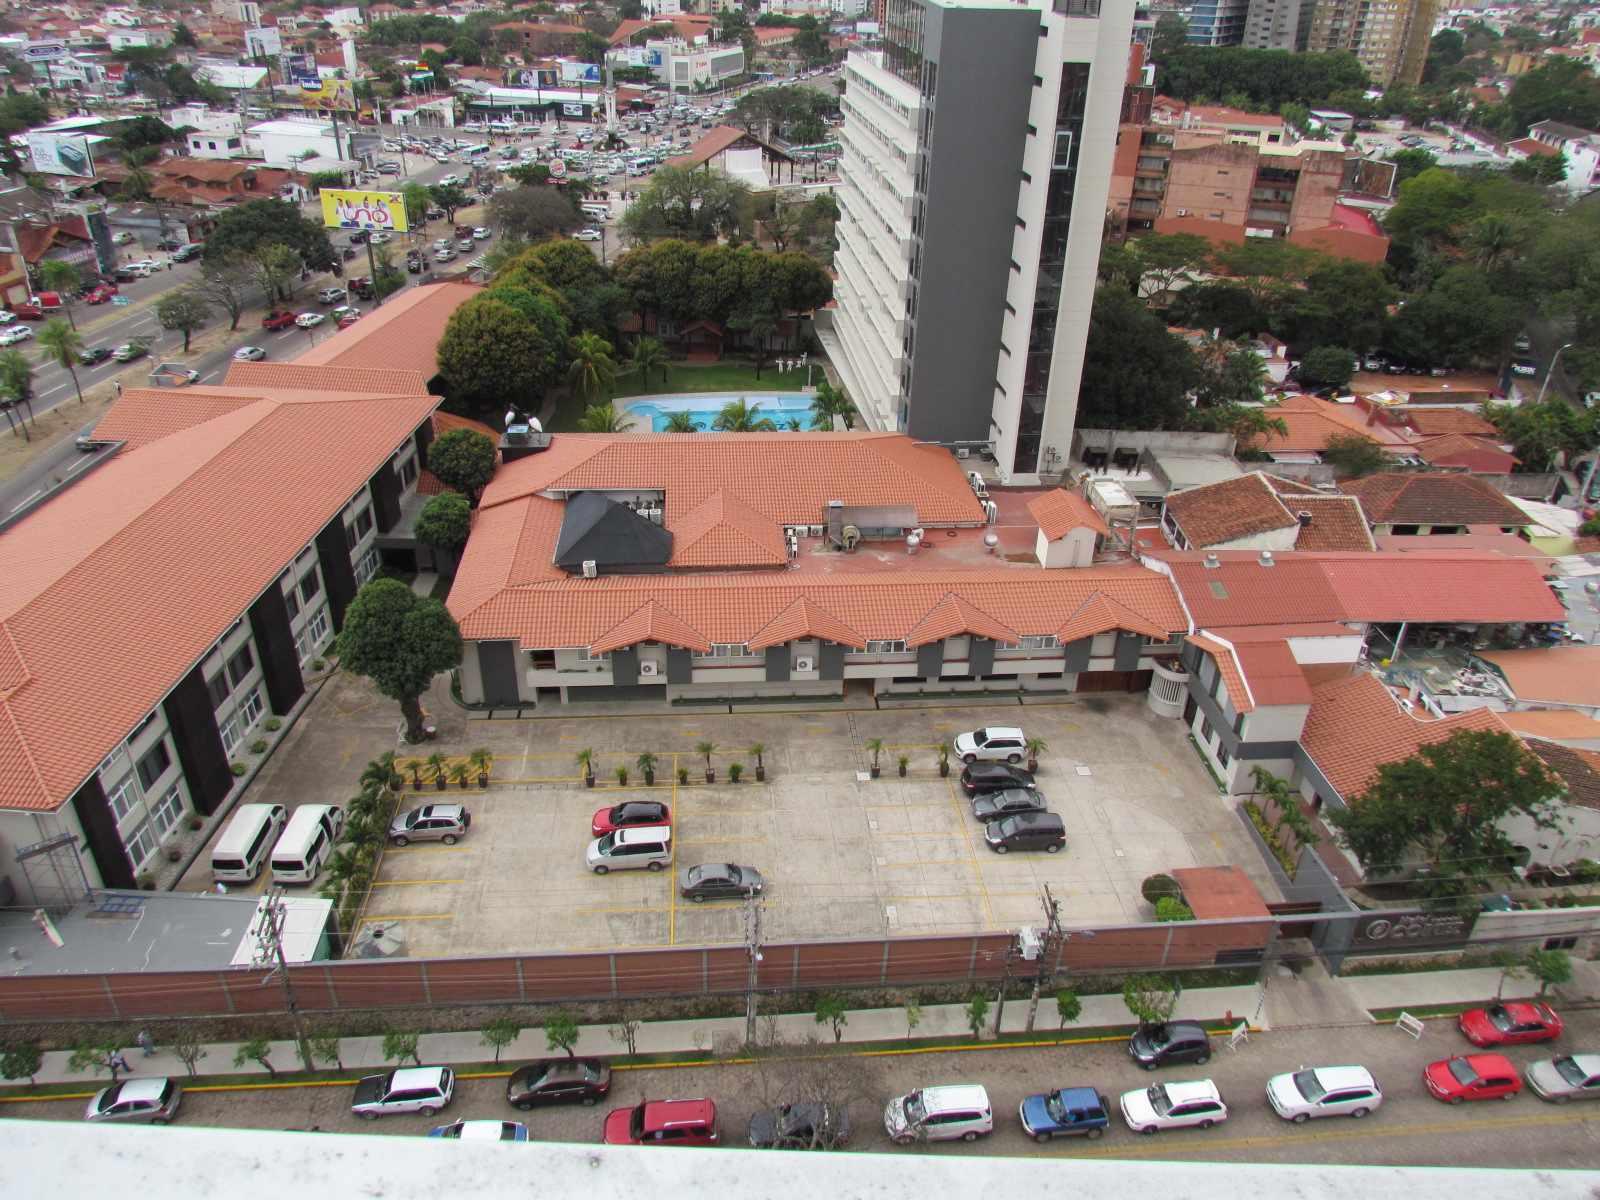 Departamento en Venta EDIF. PUNTA DEL ESTE - CALLE LIBERTAD ENTRE 1ER Y 2DO ANILLO Foto 12